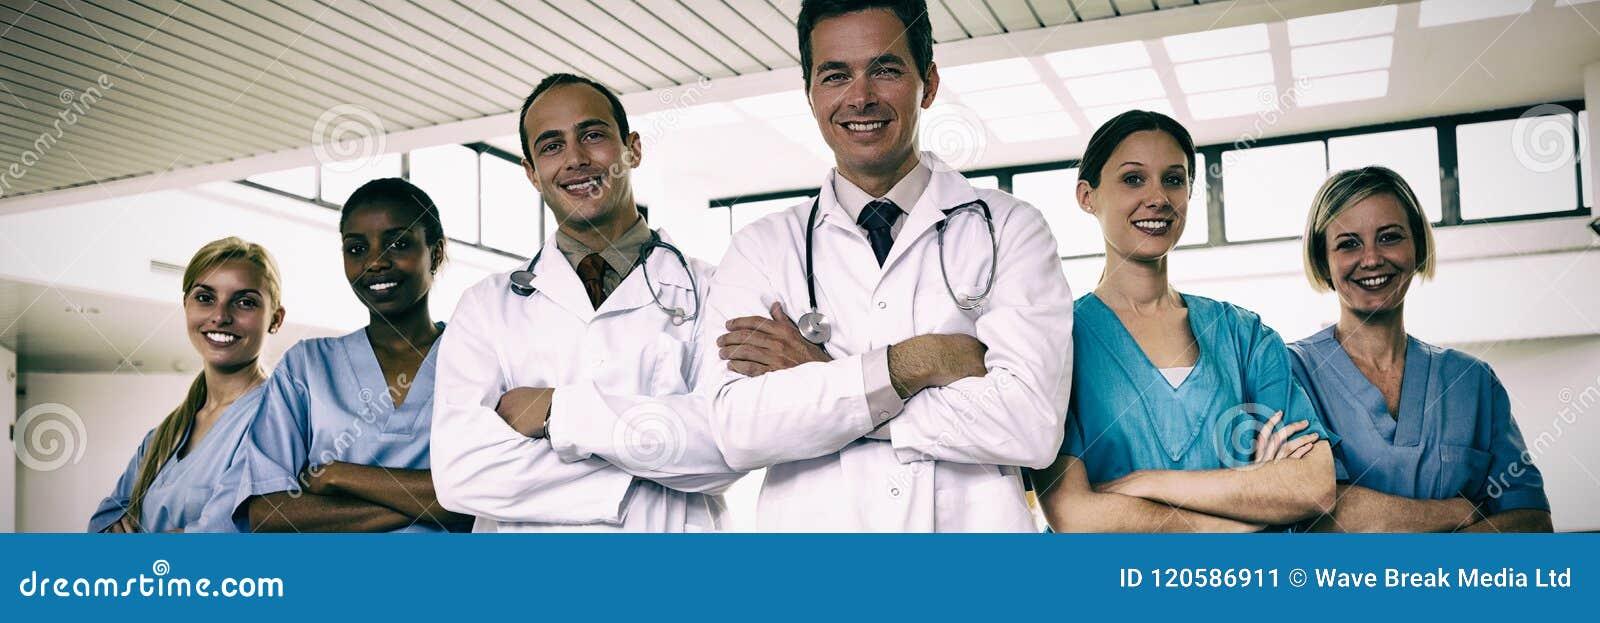 Retrato dos doutores e das enfermeiras com os braços cruzados